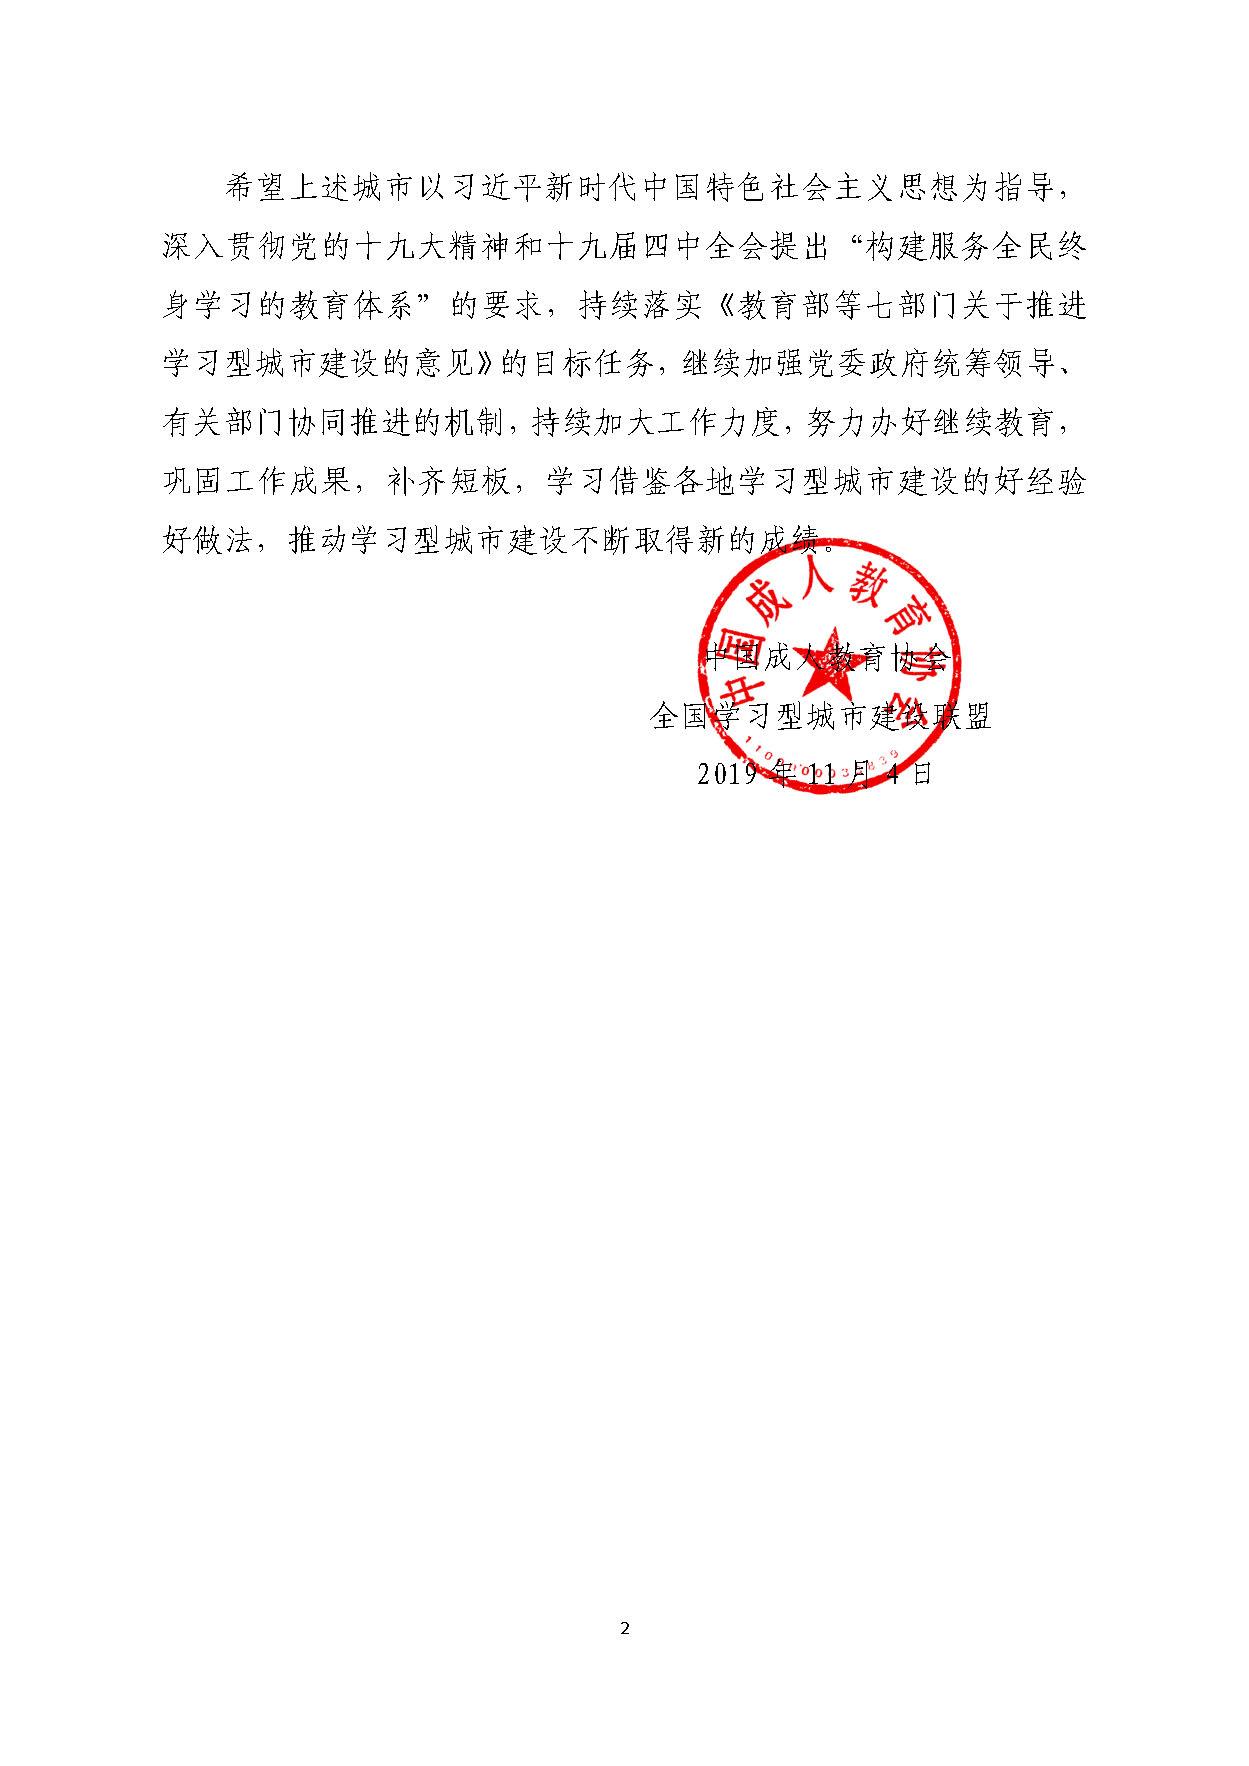 045号关于公布全国学习型城市建设联盟第七批成员单位名单的通知_页面_2